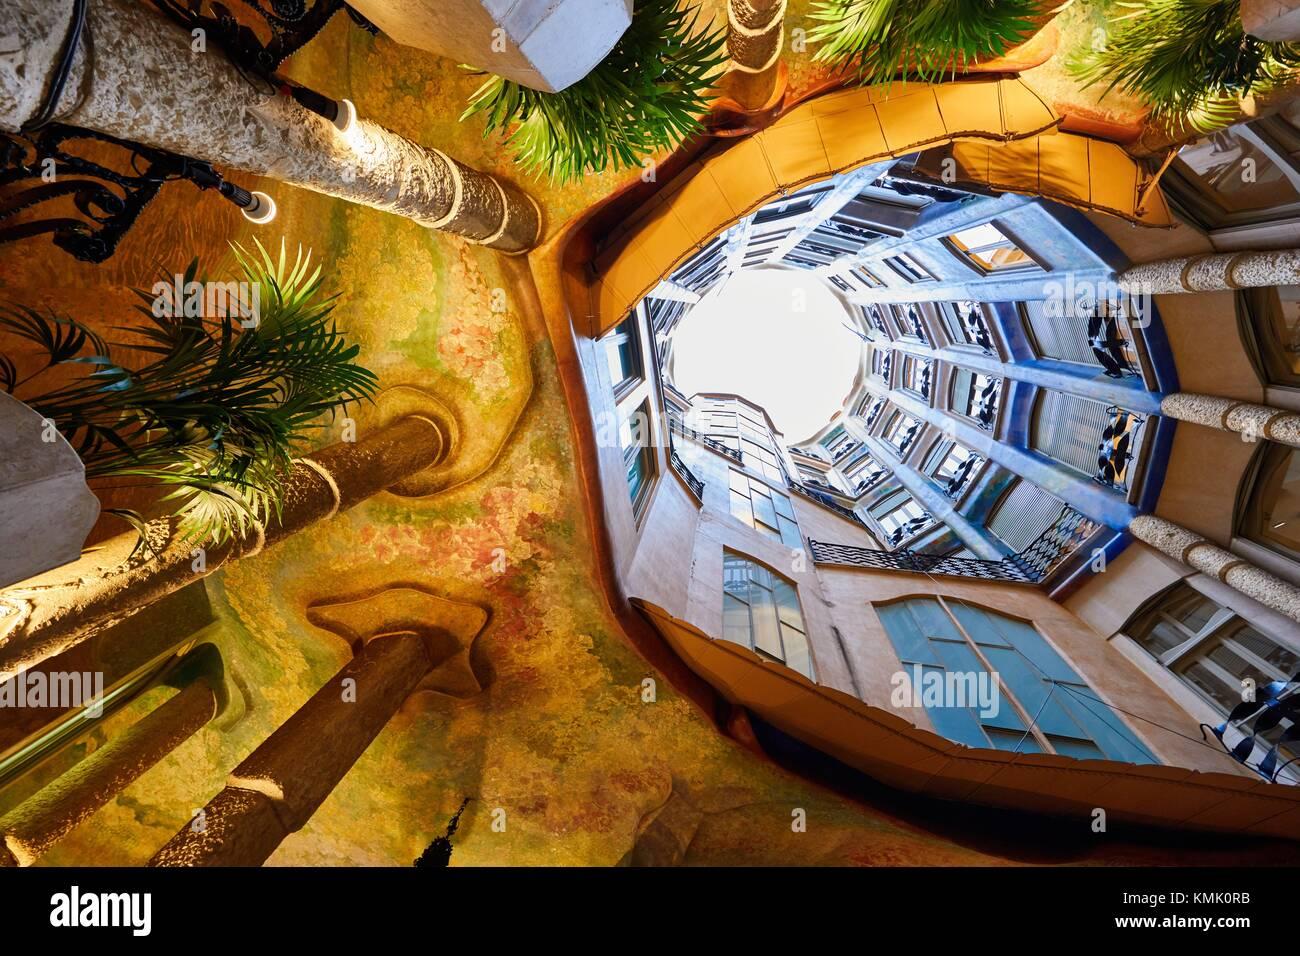 Cortile, Casa Mila, La Pedrera edificio, Antoni Gaudi, Barcellona, in Catalogna, Spagna Immagini Stock